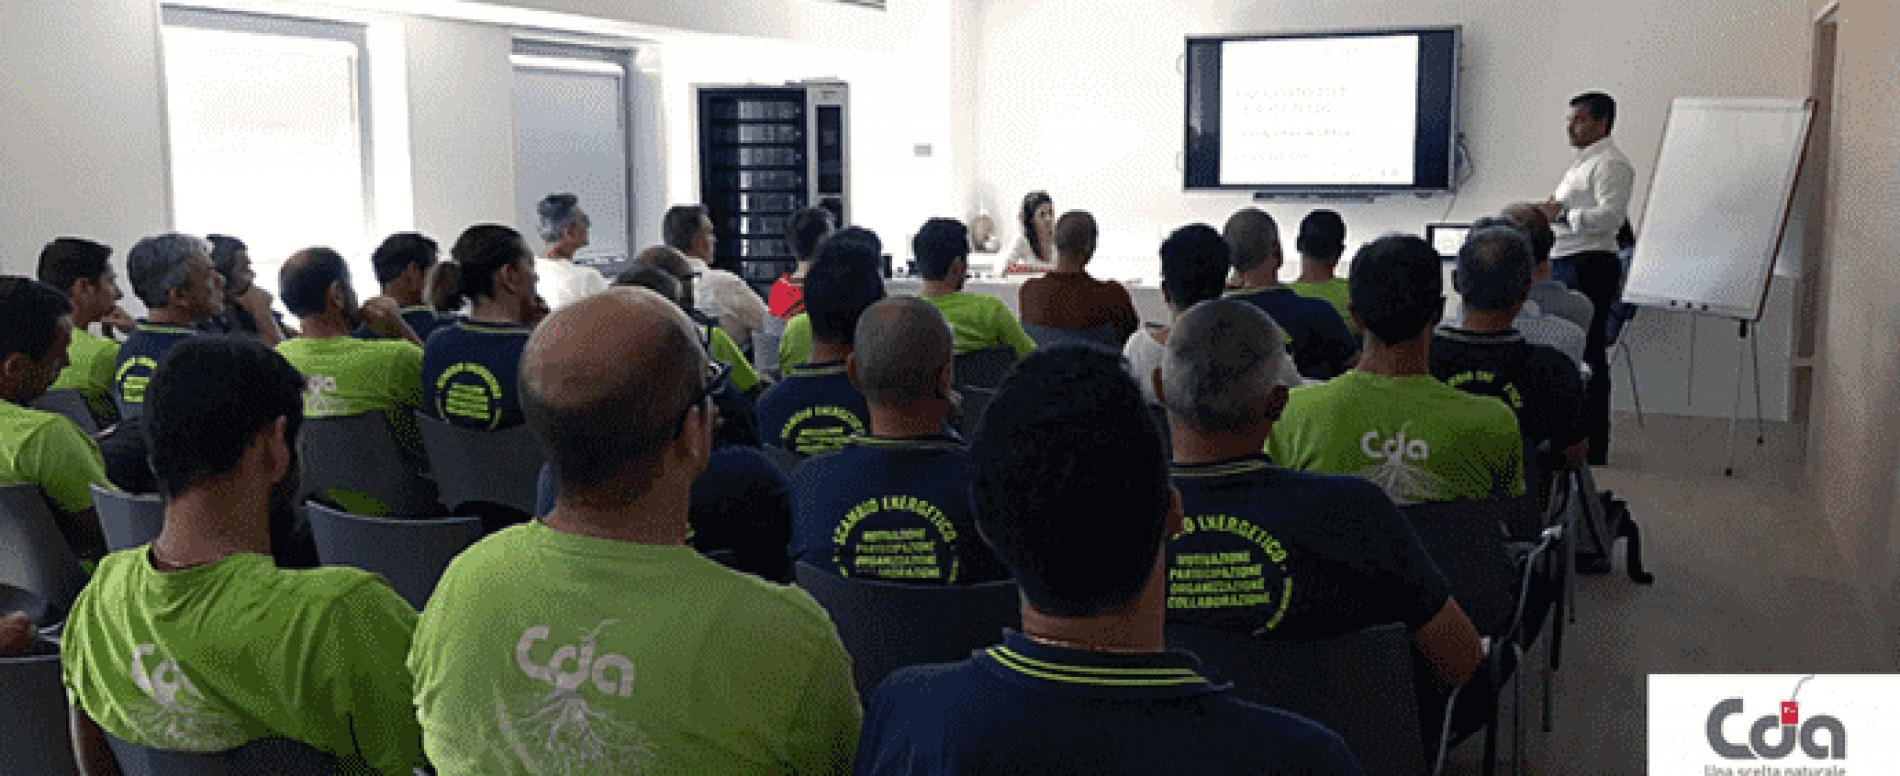 CDA Cattelan annuncia un nuovo piano di welfare aziendale